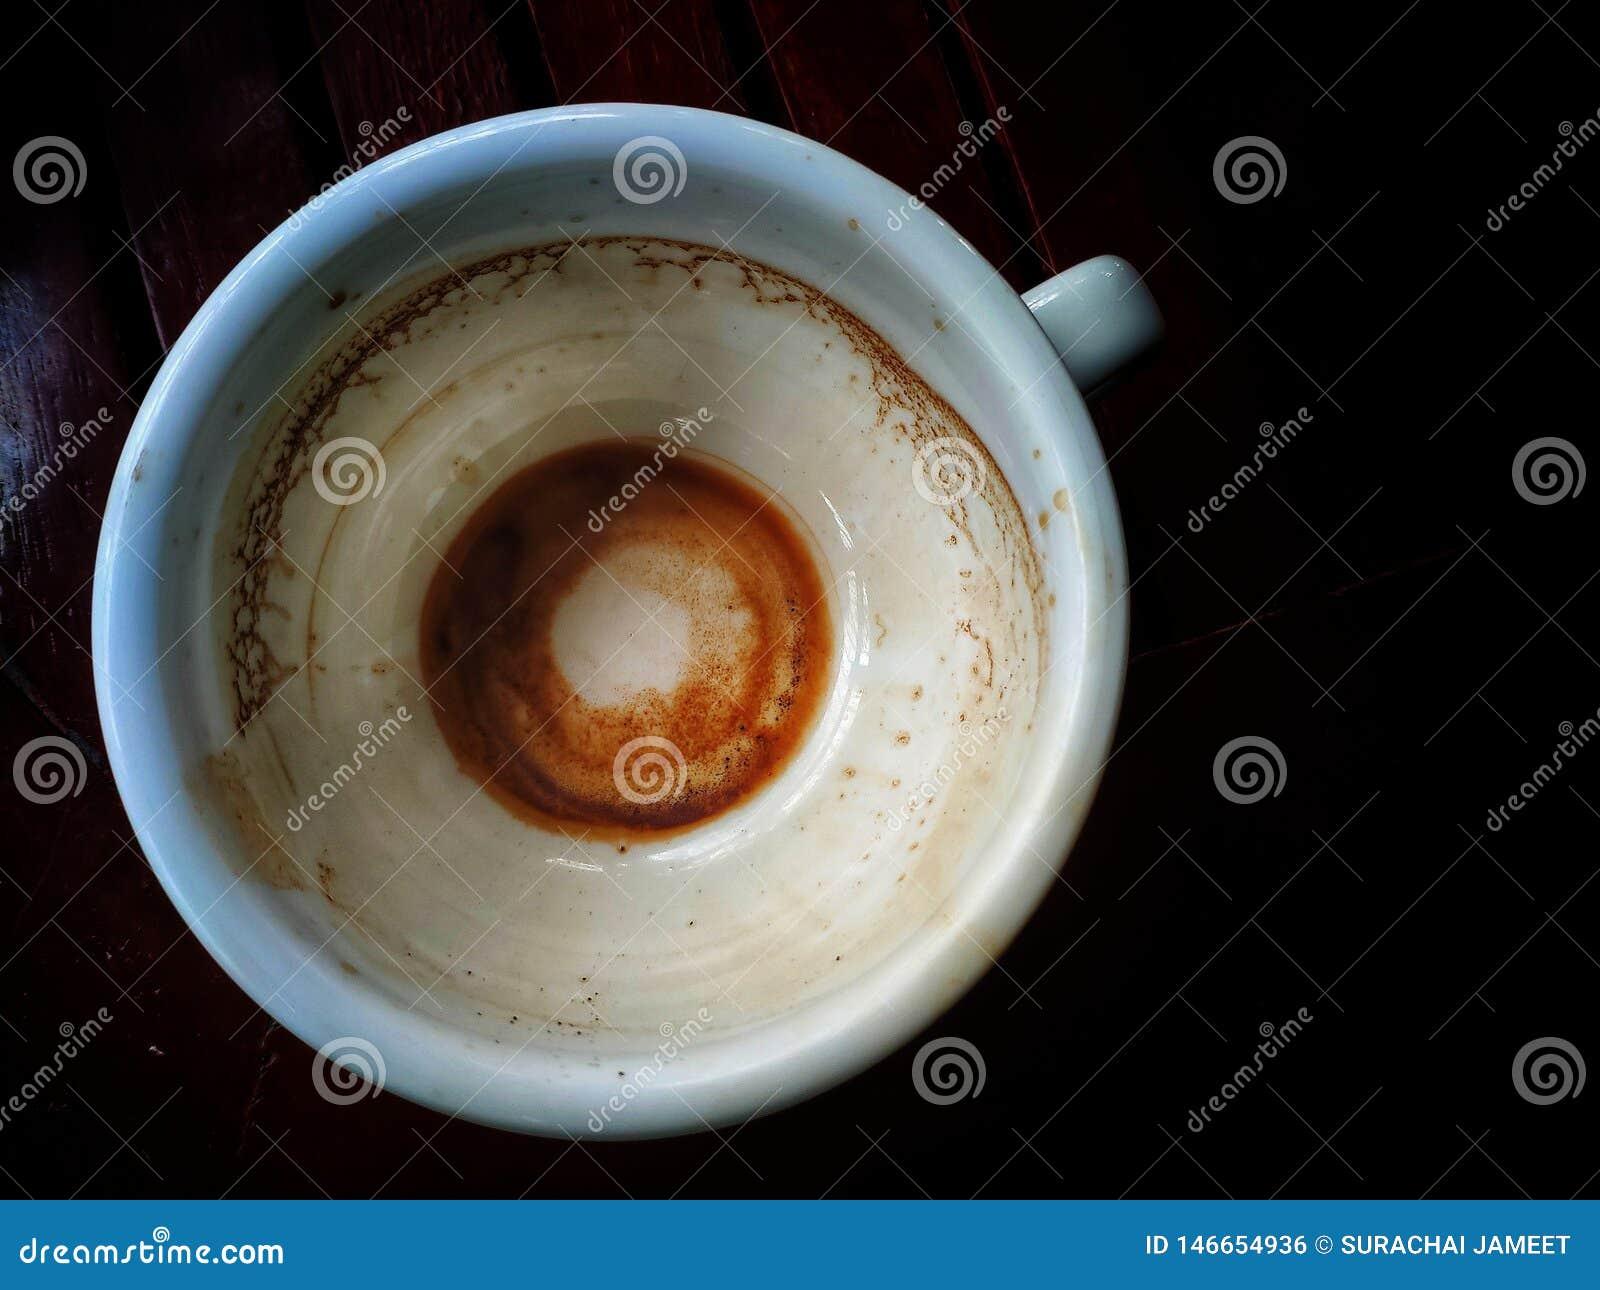 Una tazza di caffè dopo avere bevuto e visto soltanto i residui del caffè sul fondo